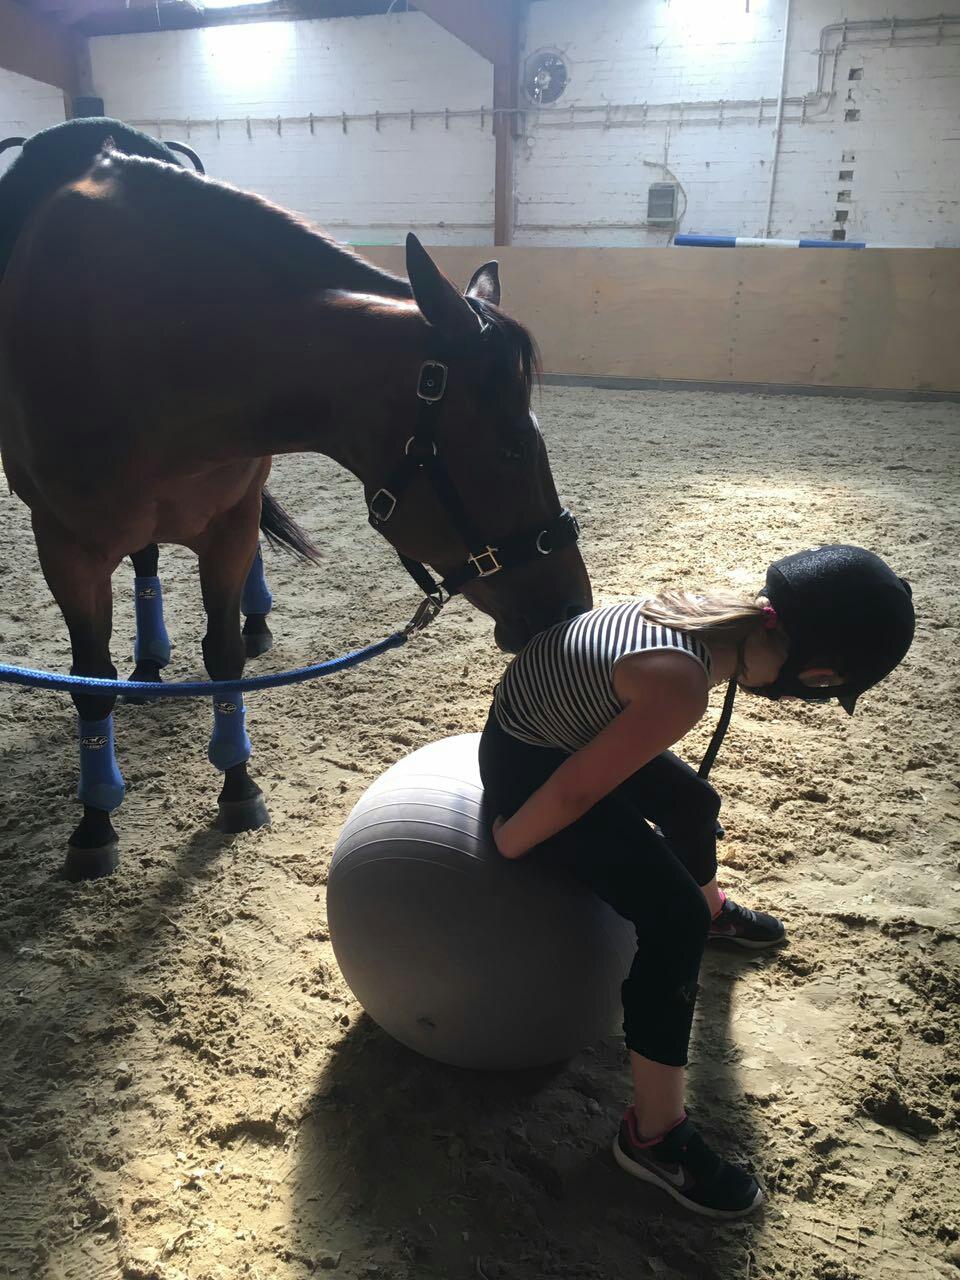 Das Pferd arbeitet mit. Schon die kleinen Mäuse fangen an, am korrekten Sitz zu arbeiten.